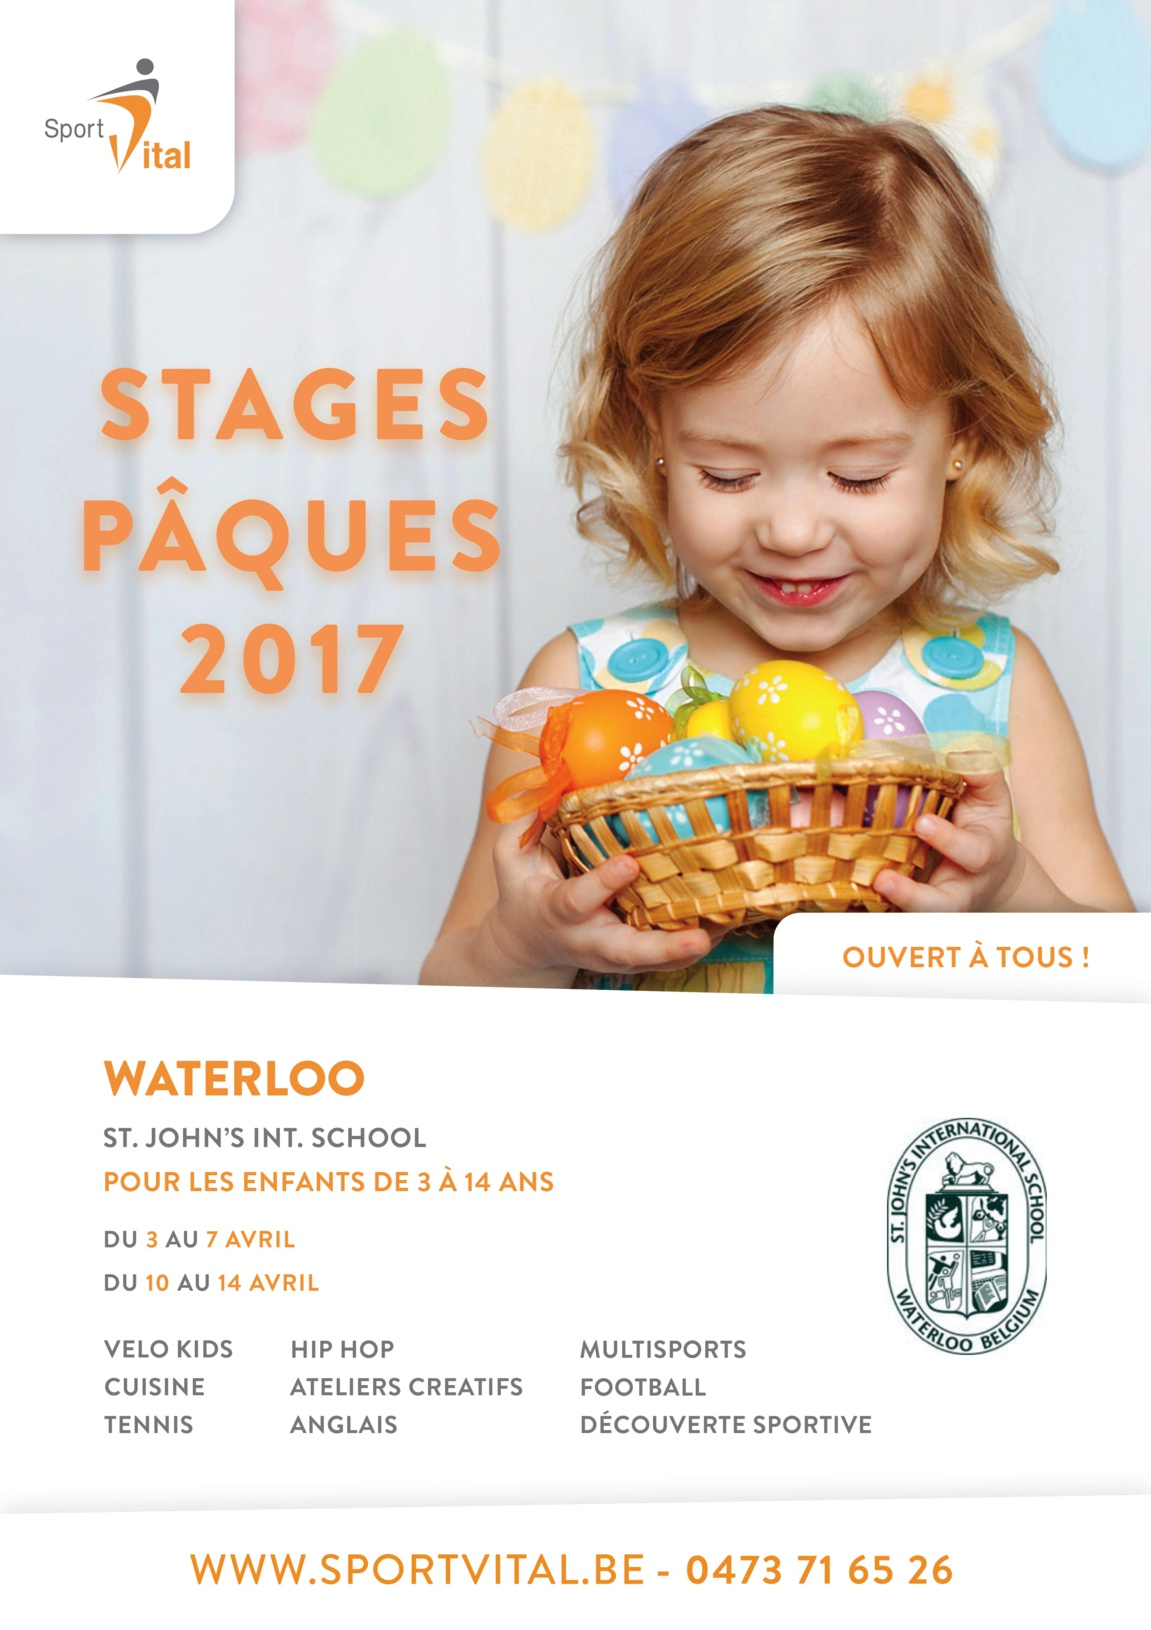 Stages pour enfants à Waterloo, Pâques 2017 : Ouvert à tous !